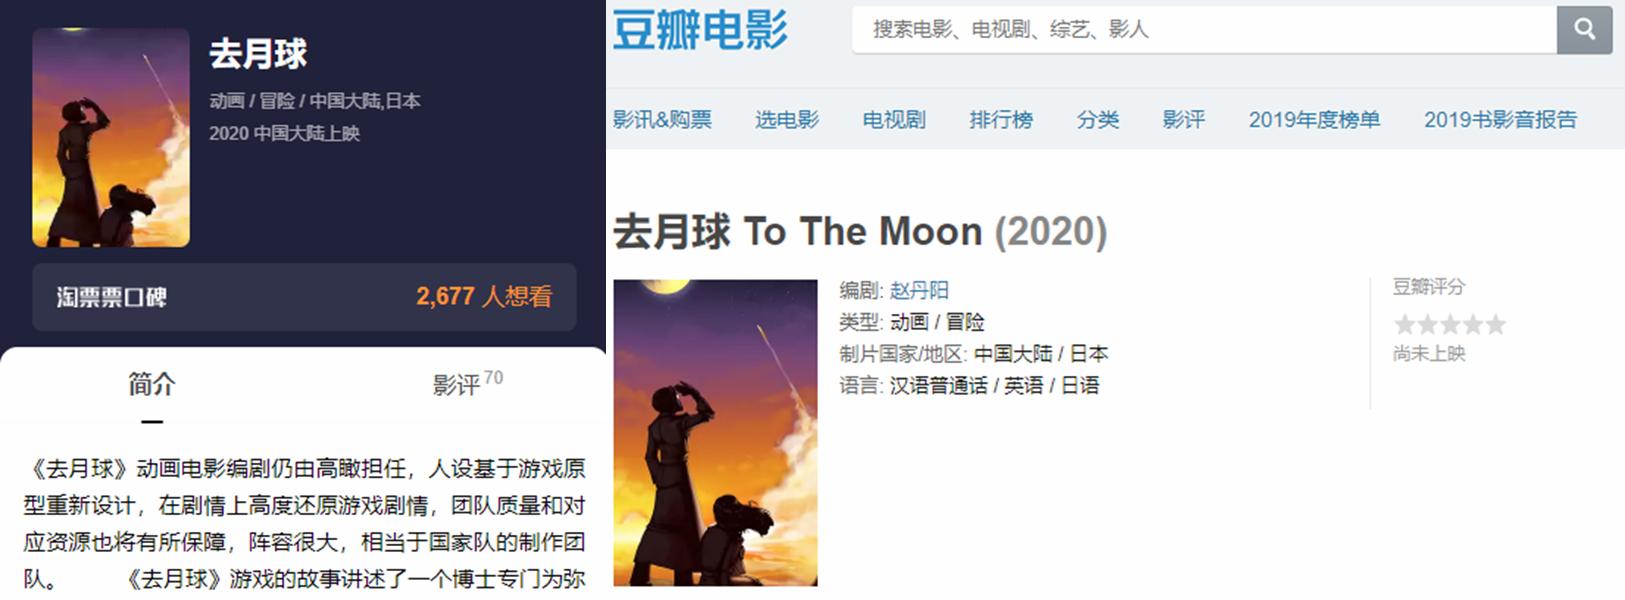 游戏改编中日合拍 动画电影《去月球》今年上映